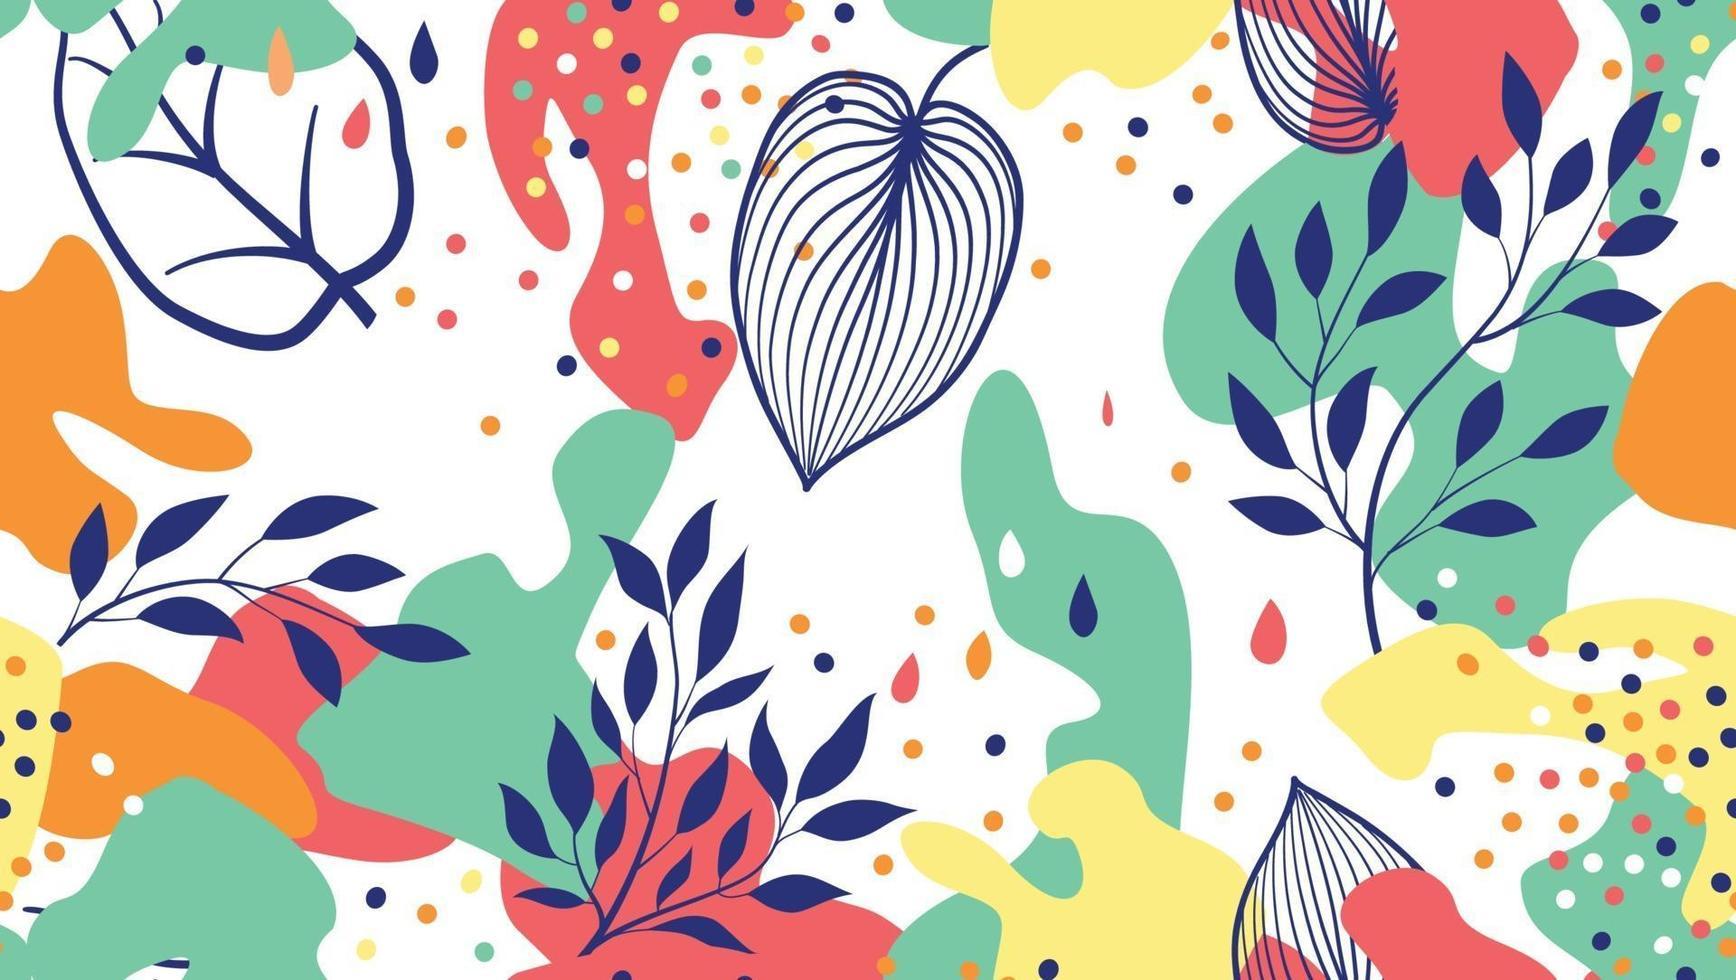 abstrakte organische Flecken und Blätter nahtloses Muster im trendigen Stil. stilvoller Hintergrund mit Punkten und fließenden Blumenformen. vektor